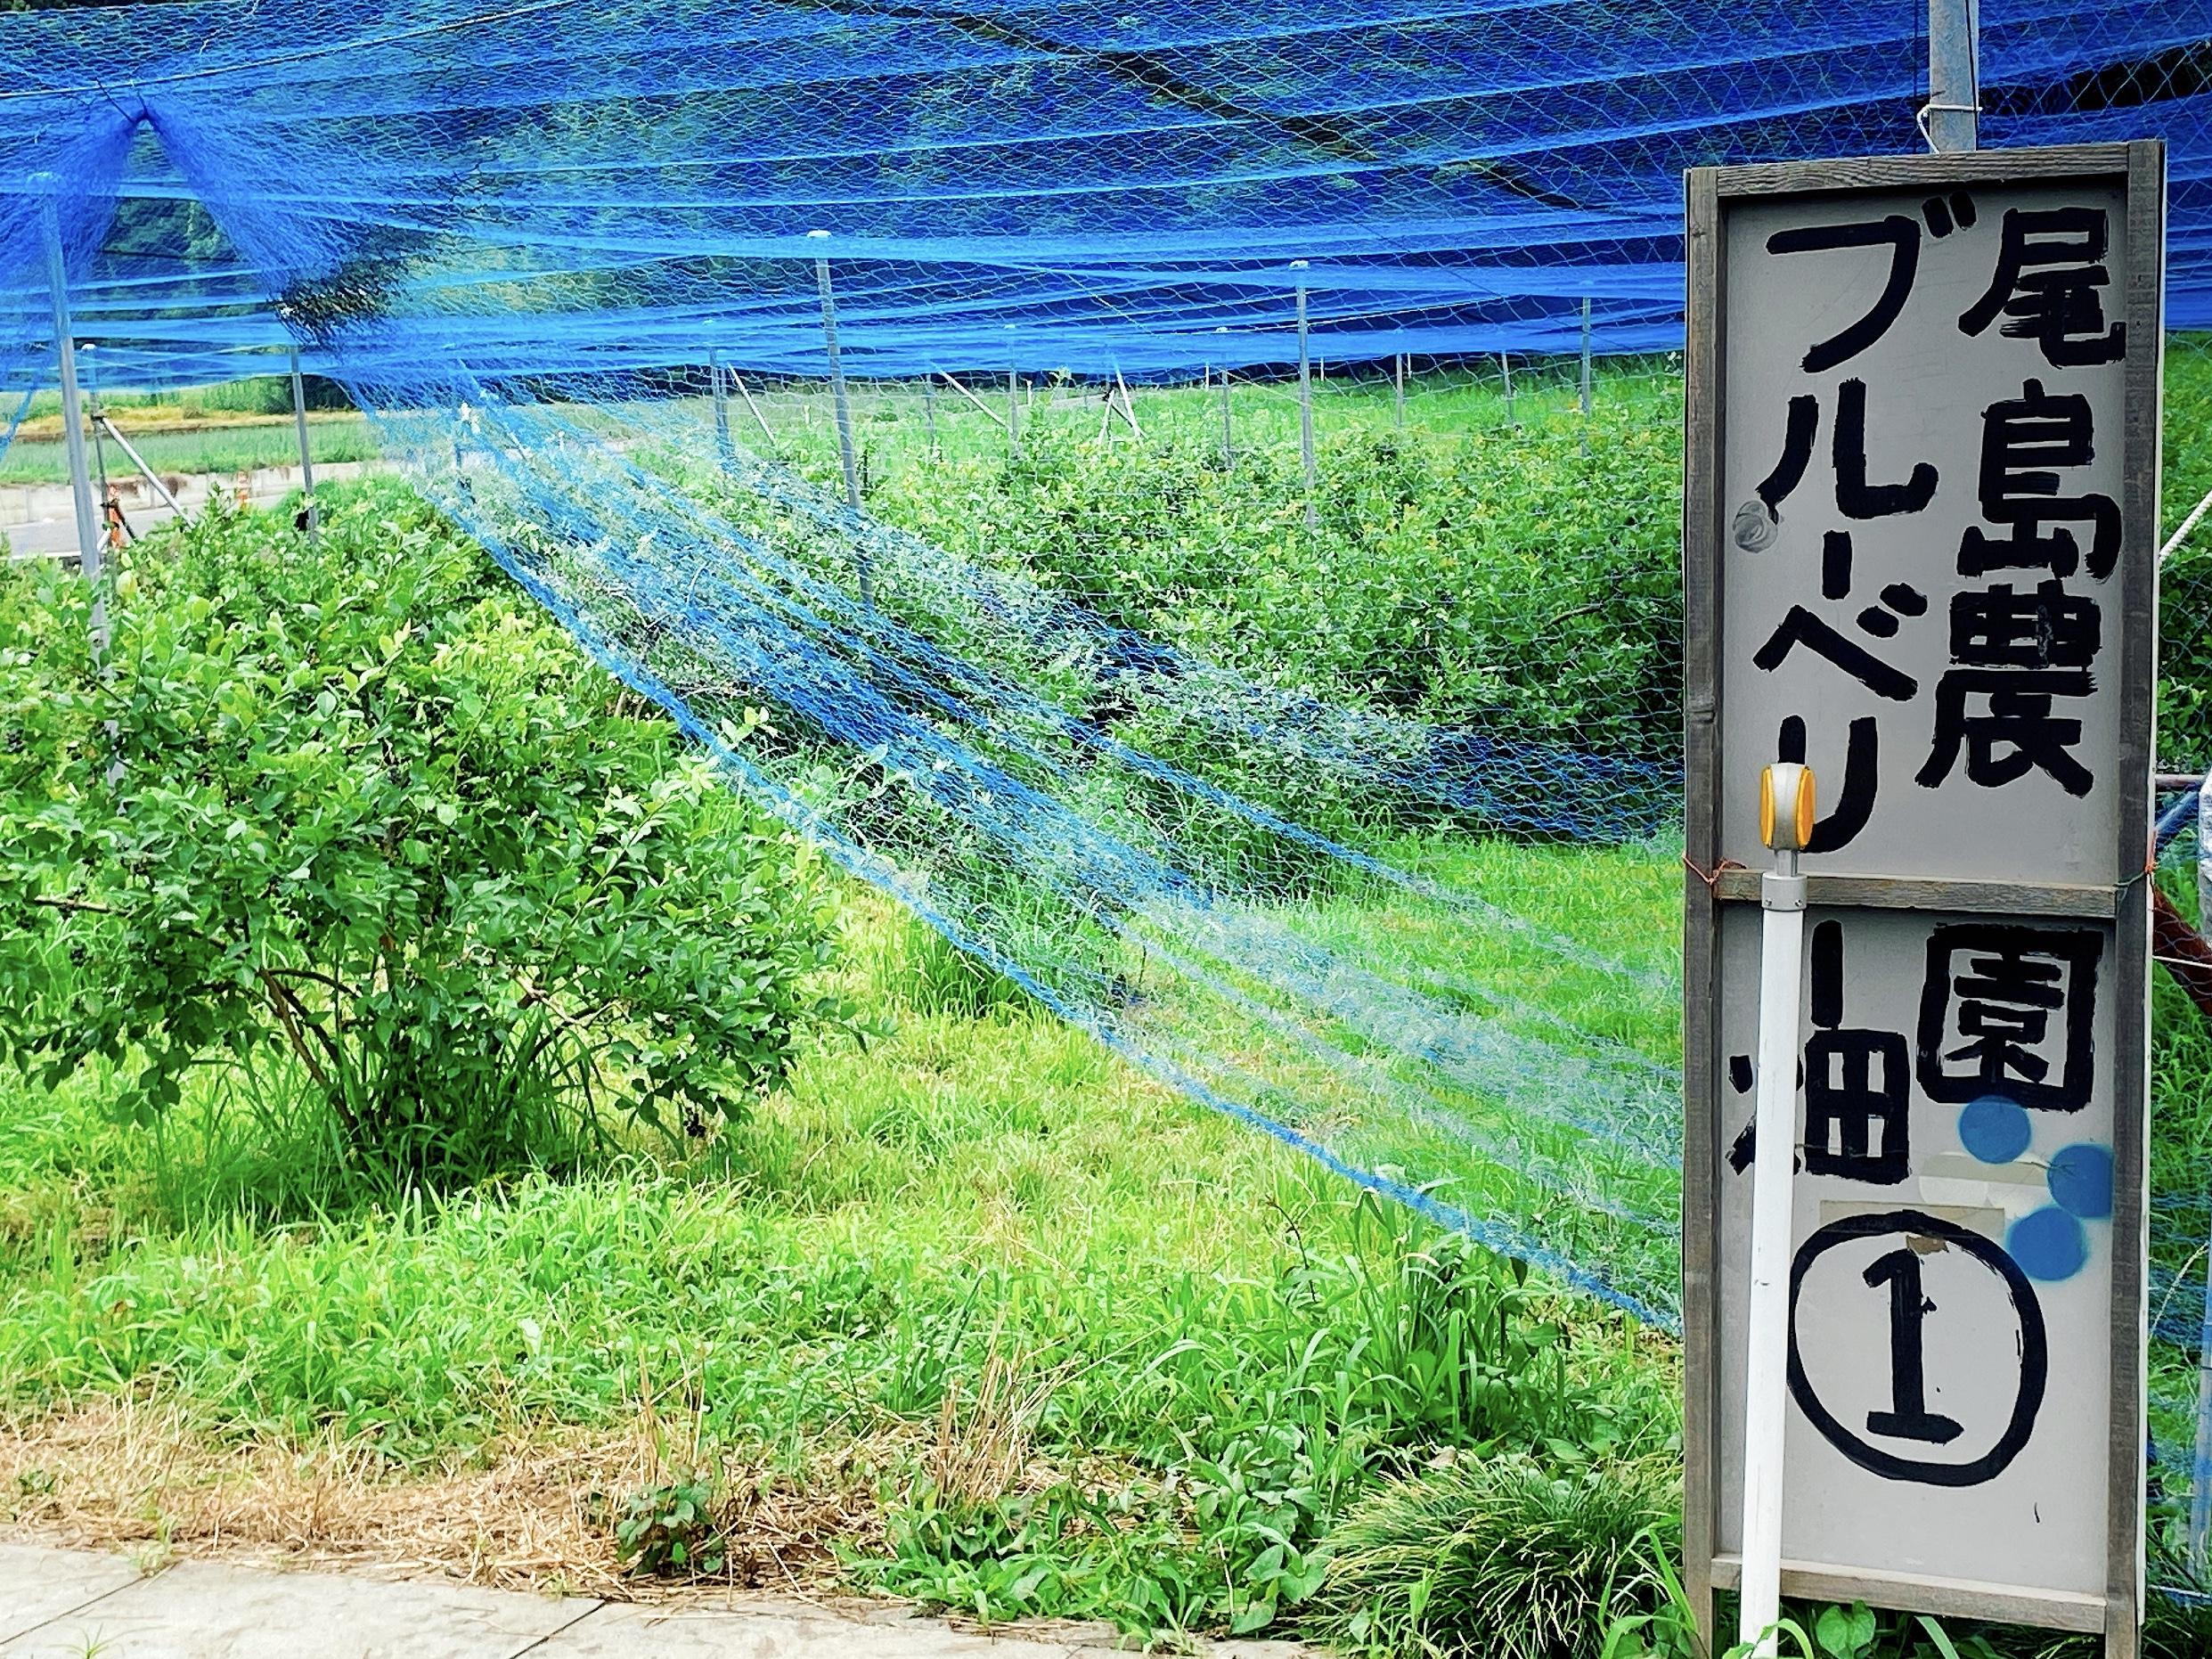 見沼区御蔵 尾島農園 クマガイソウ ブルーベリー畑